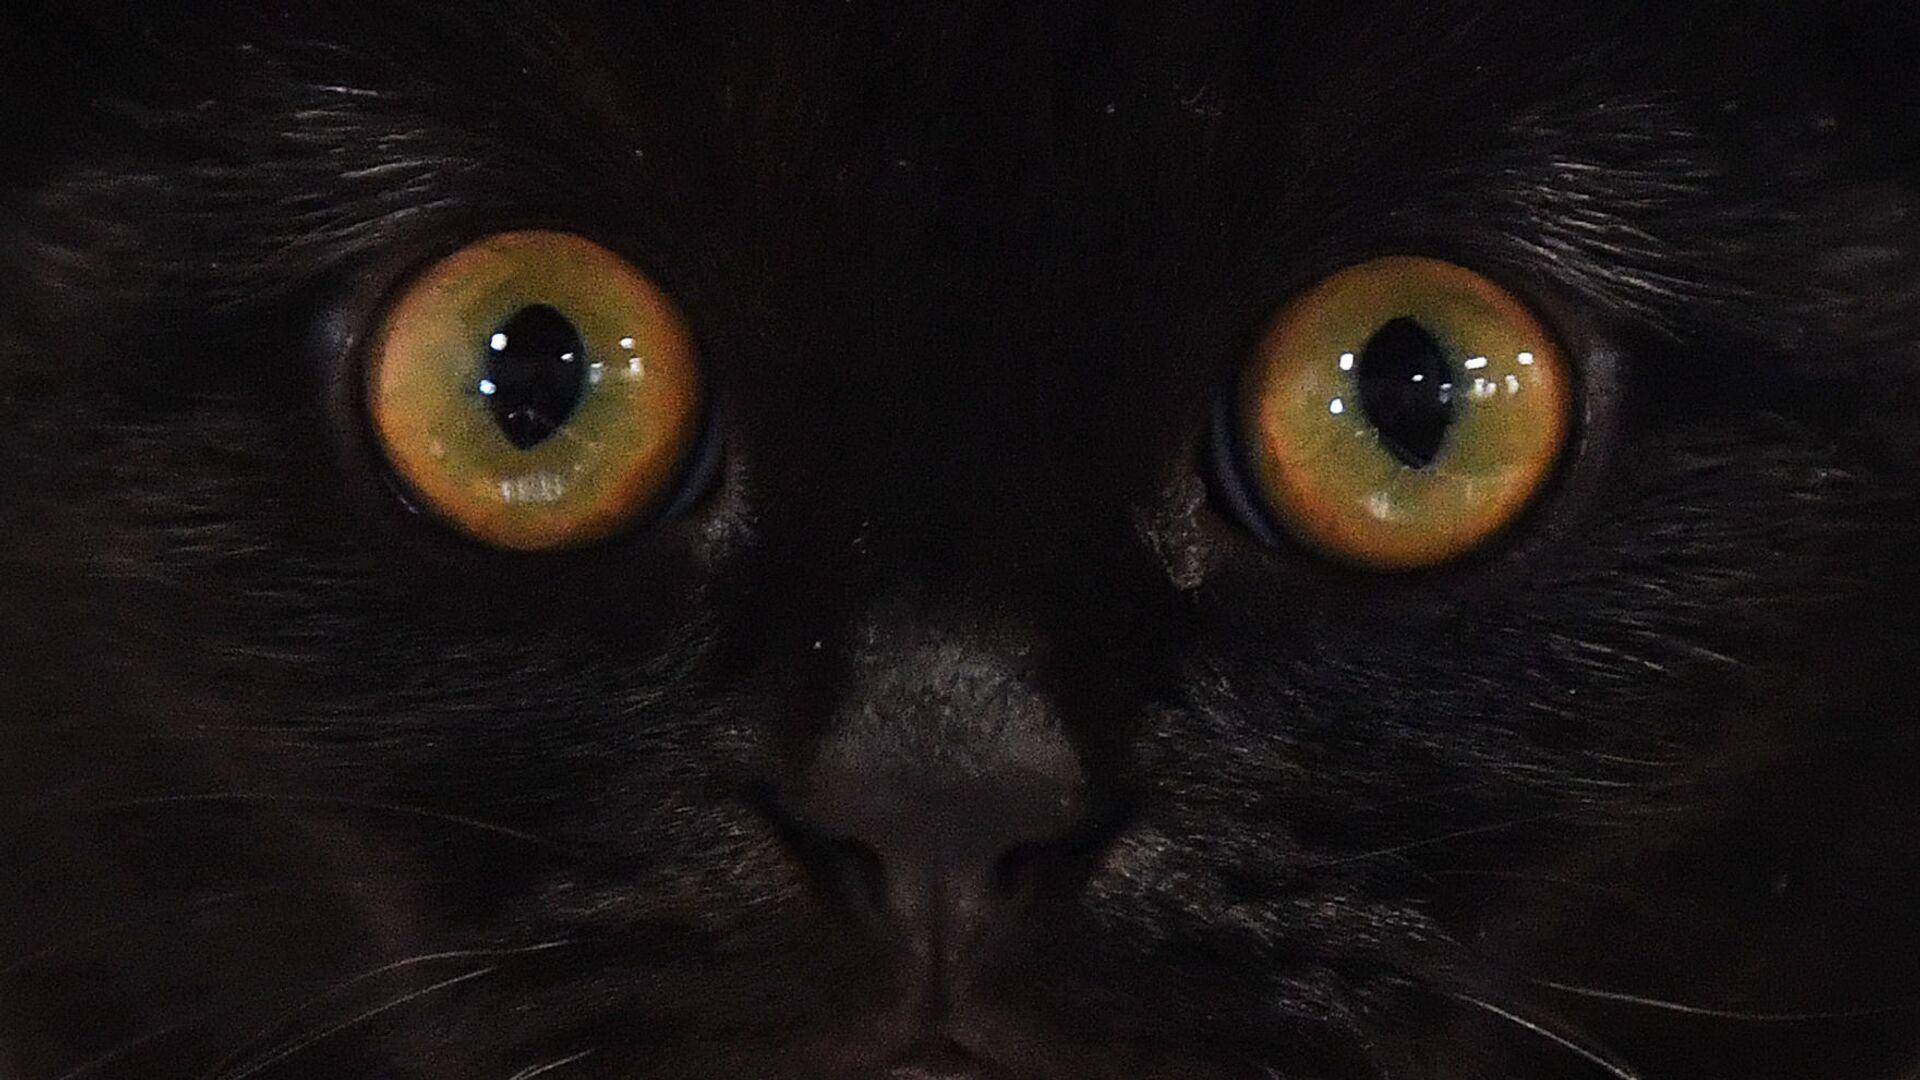 Kot rasy szkocki zwisłouchy na wystawie w Moskwie - Sputnik Polska, 1920, 04.07.2021